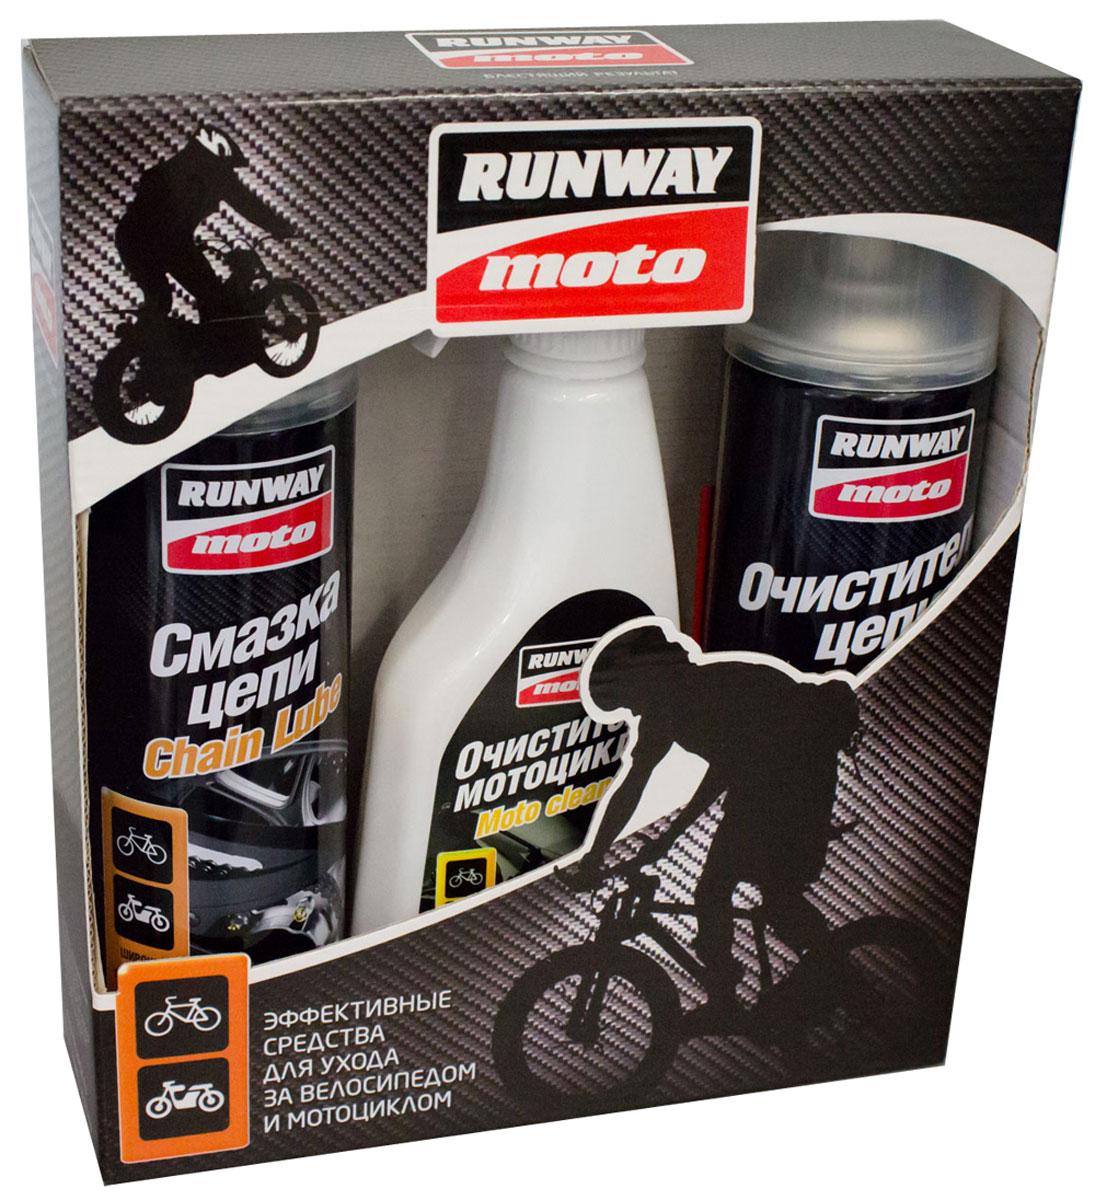 Автомобильный набор Runway: смазка цепи, очиститель цепи, очиститель мотоцикла